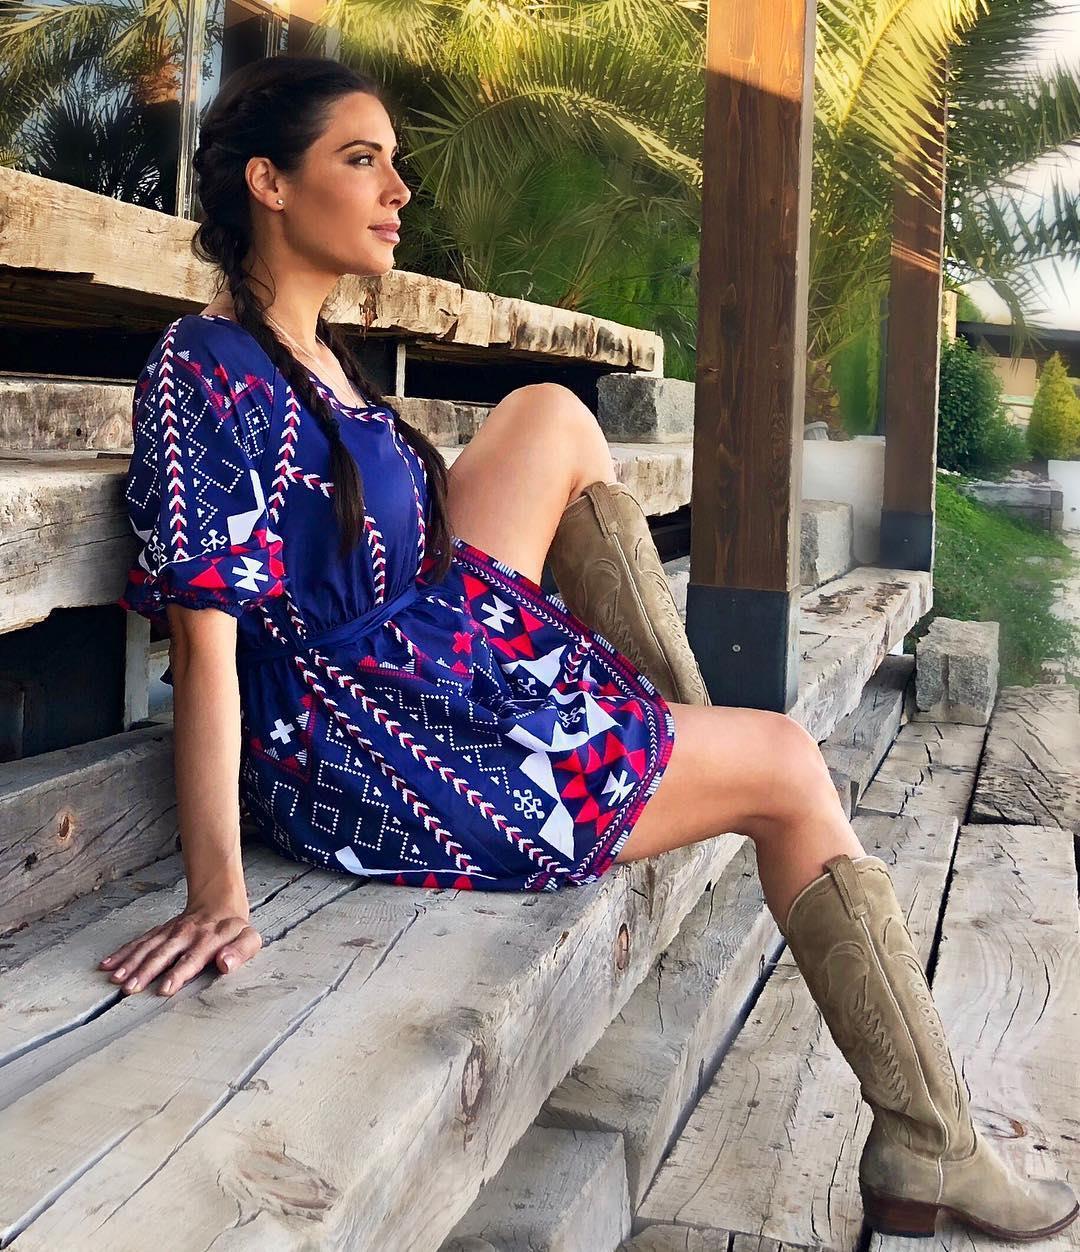 Botas y botines mujer vistas en Instagram  las más de moda del 2019 ... a2be5a2d73383